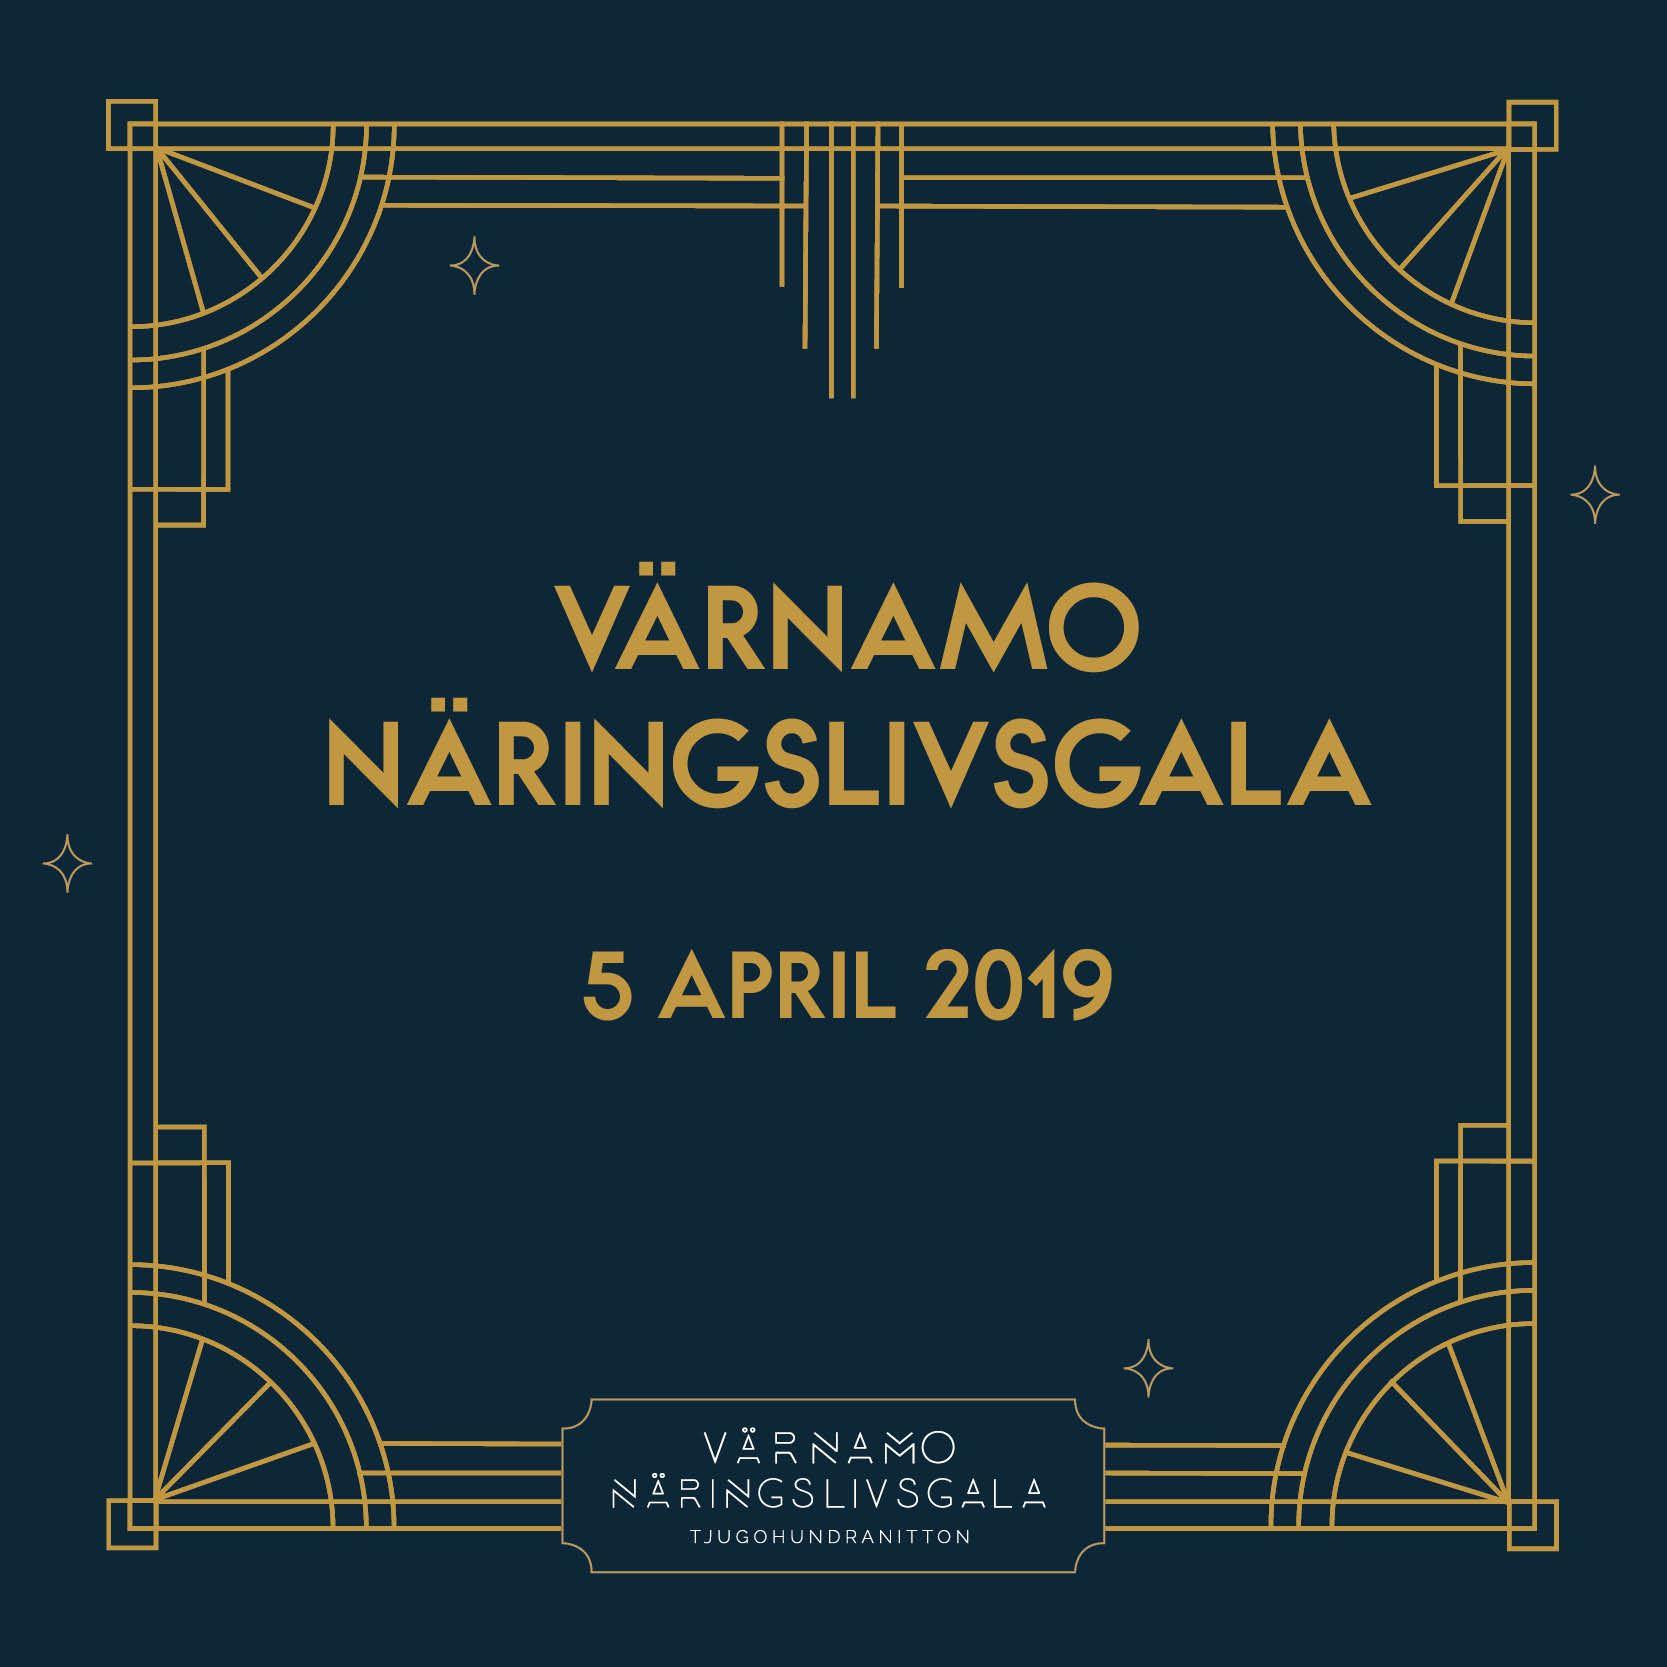 VÄRNAMO NÄRINGSLIVSGALA 2019